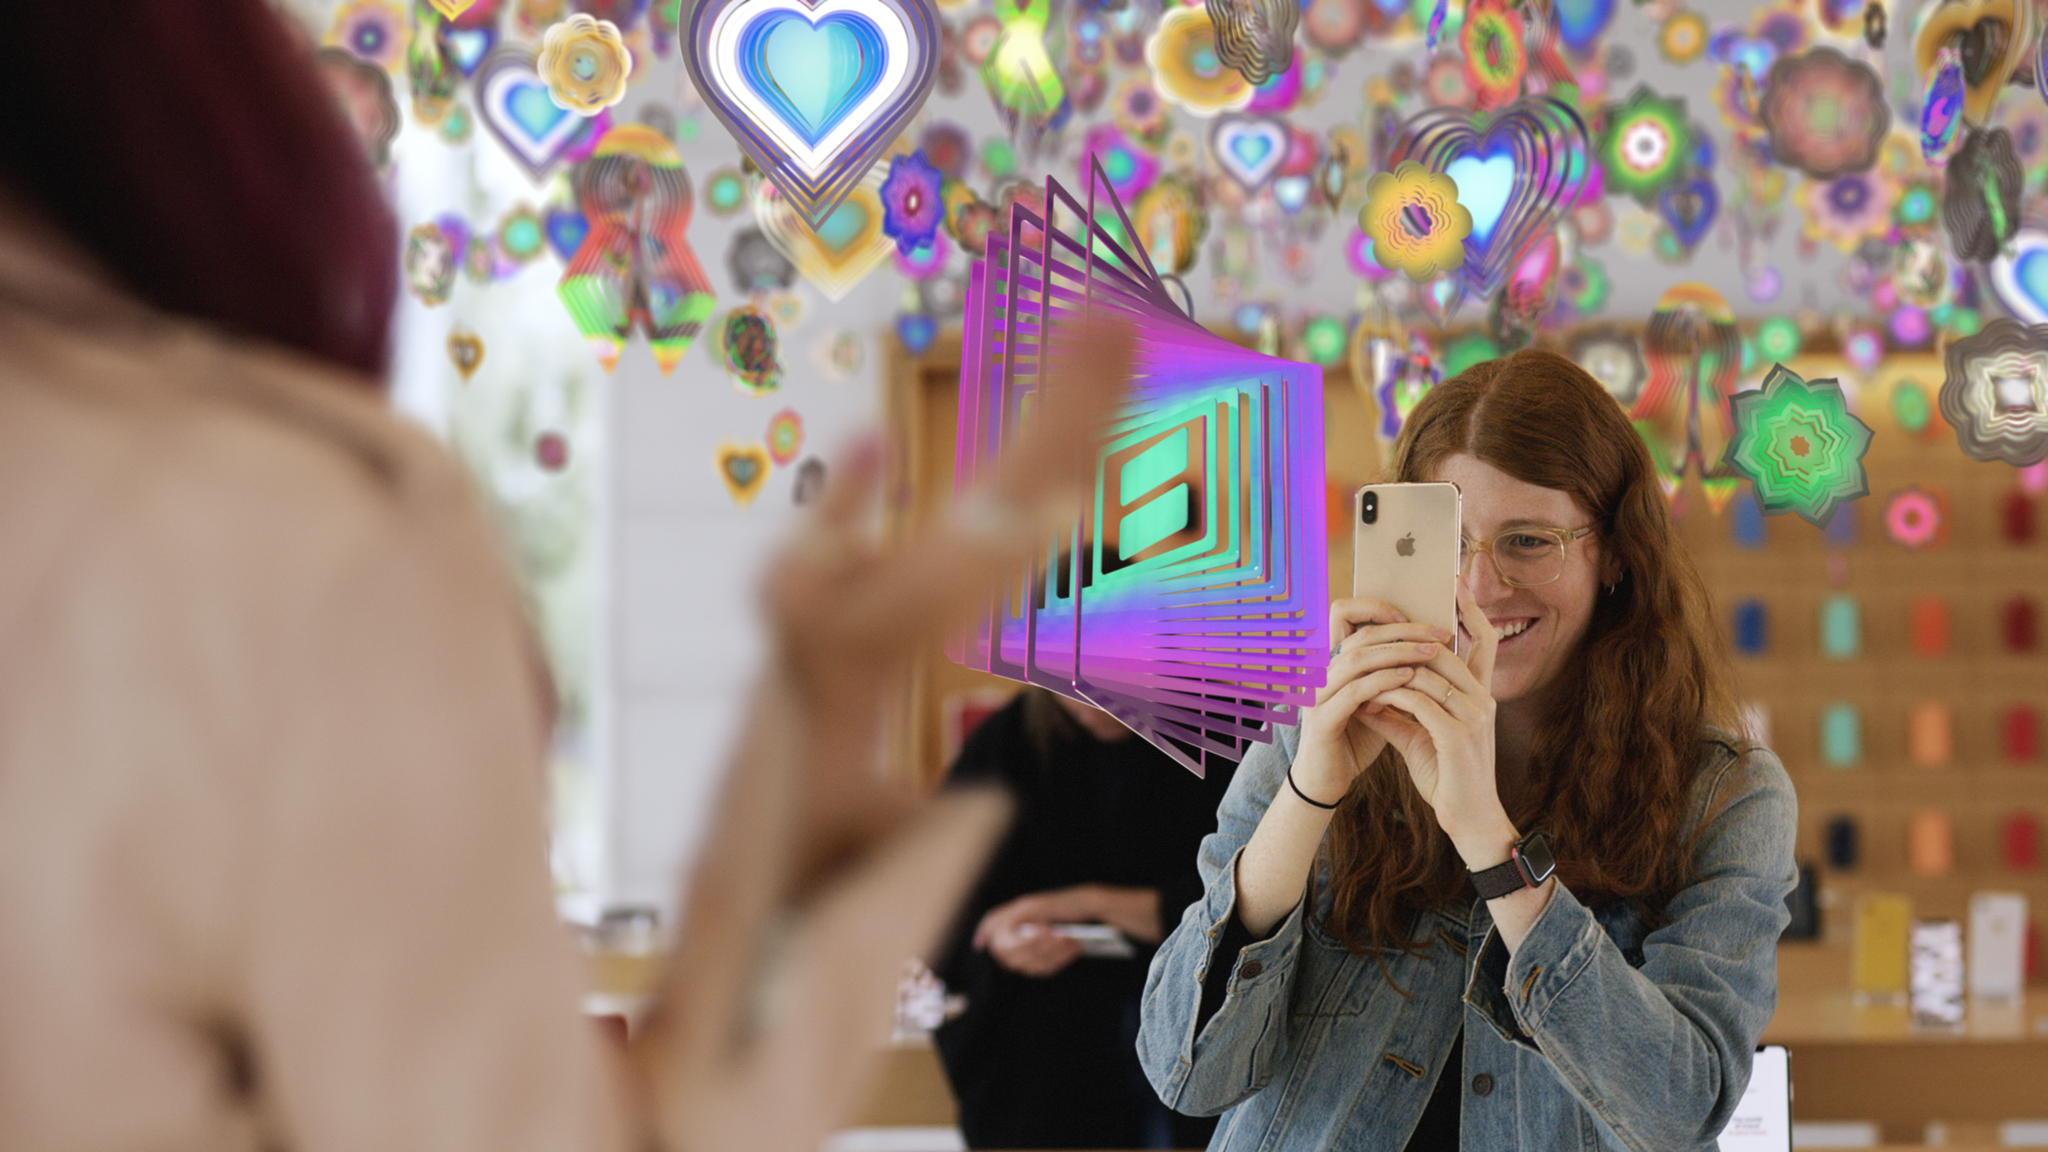 La realtà aumentata sta diventando un vero e proprio strumento di creazione e distribuzione delle opere per gli artisti e gallerie e musei. Ma cosa può offrire al mondo dell'arte?